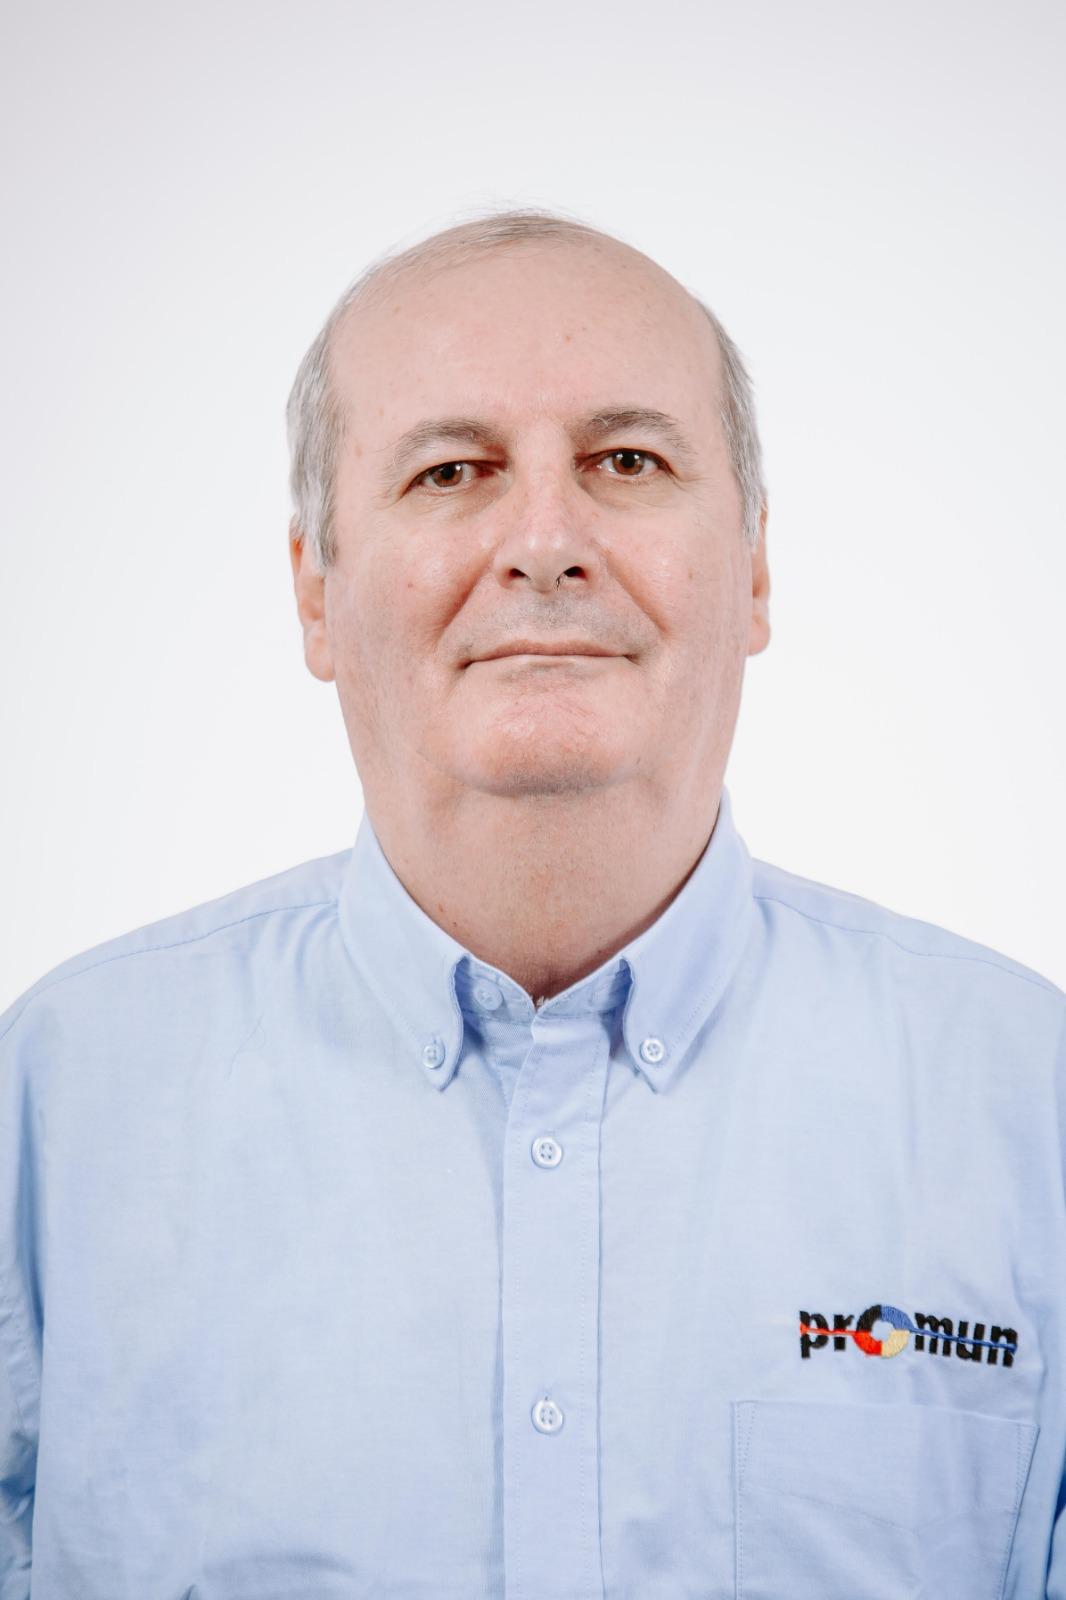 Gheorghe Dascal